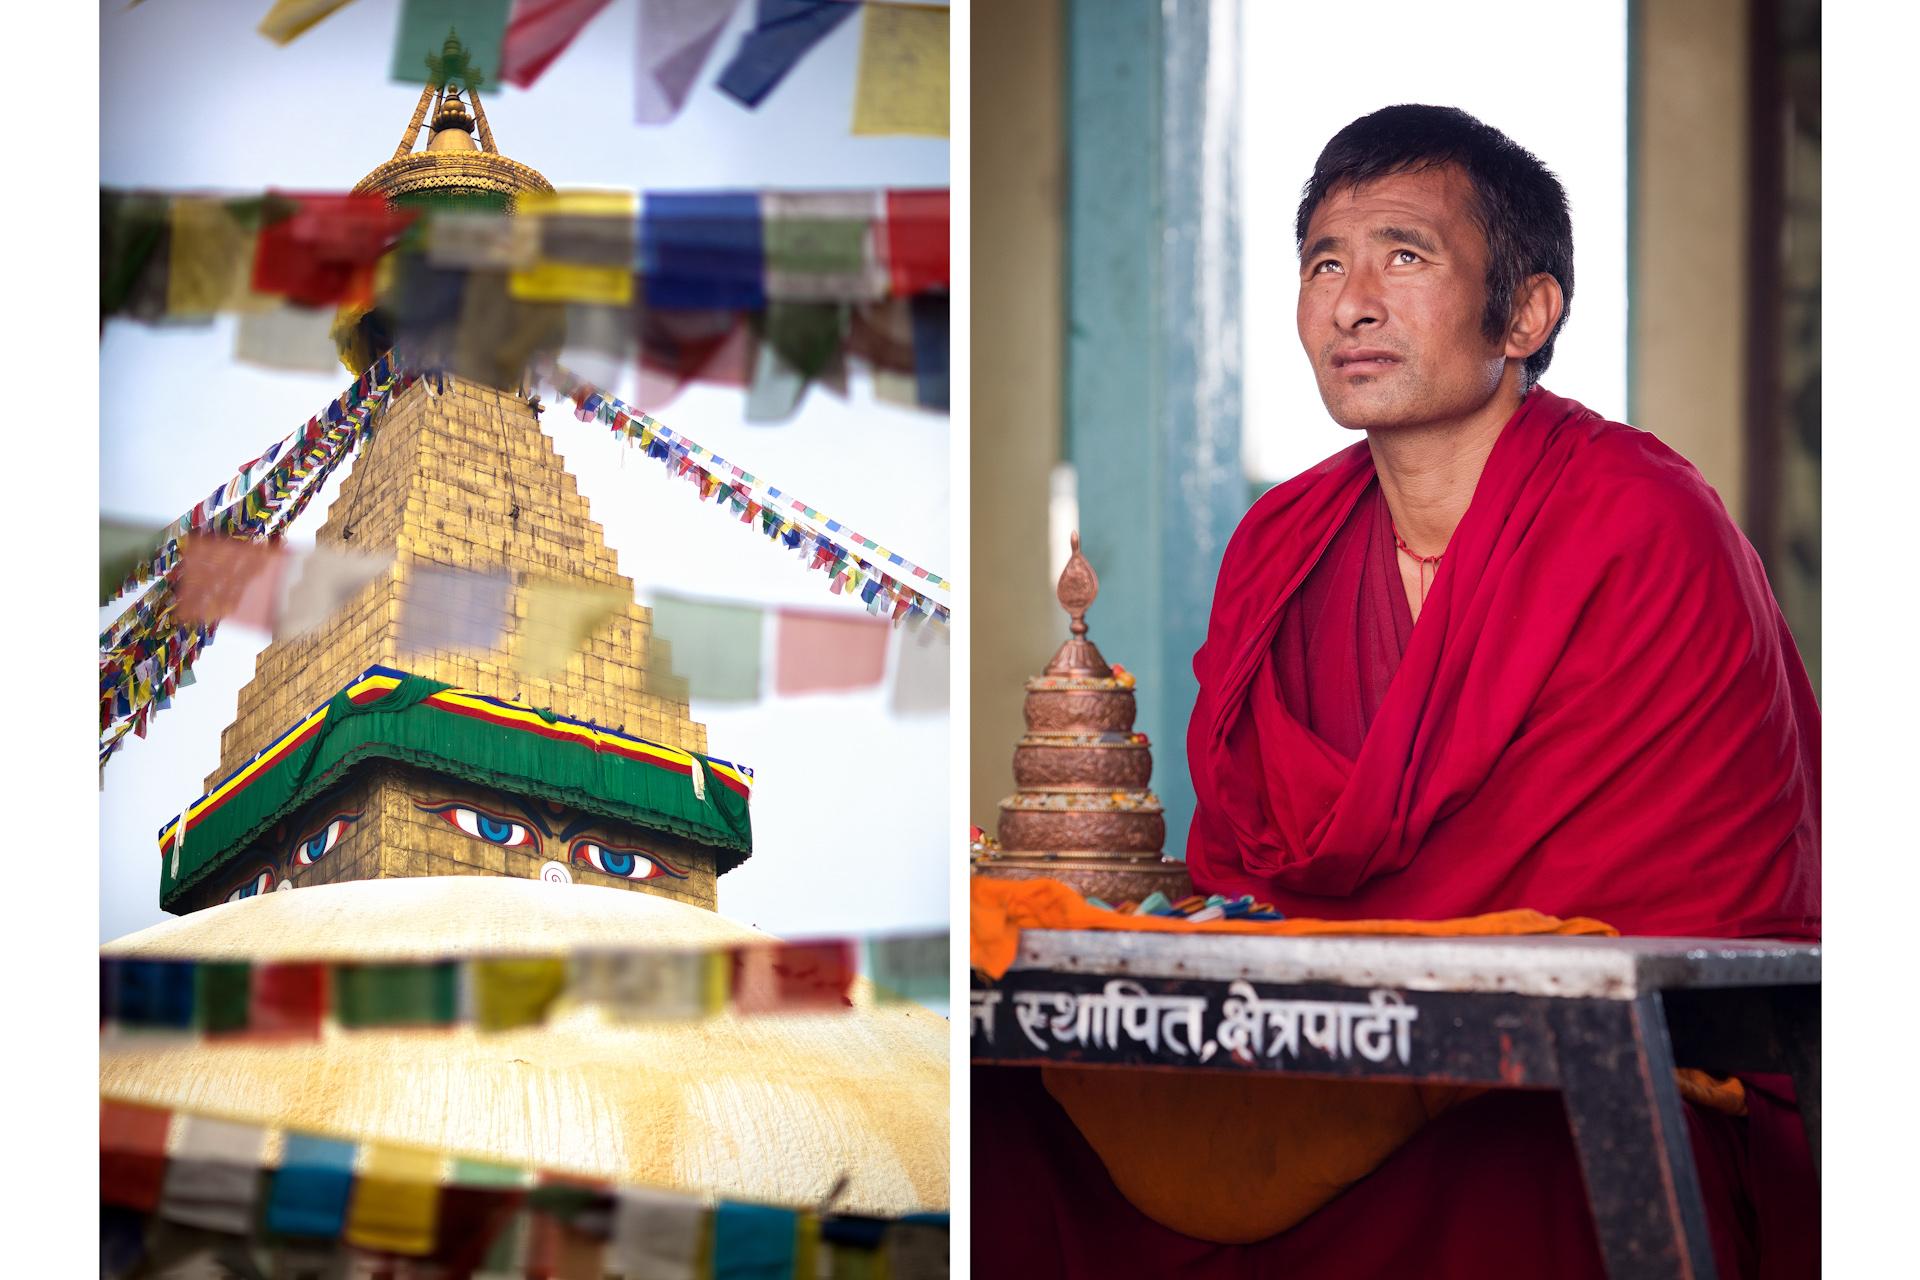 Nepal-Kathmandu-Travel-Swayambhunath-Buddhism-Temple-Monk.JPG